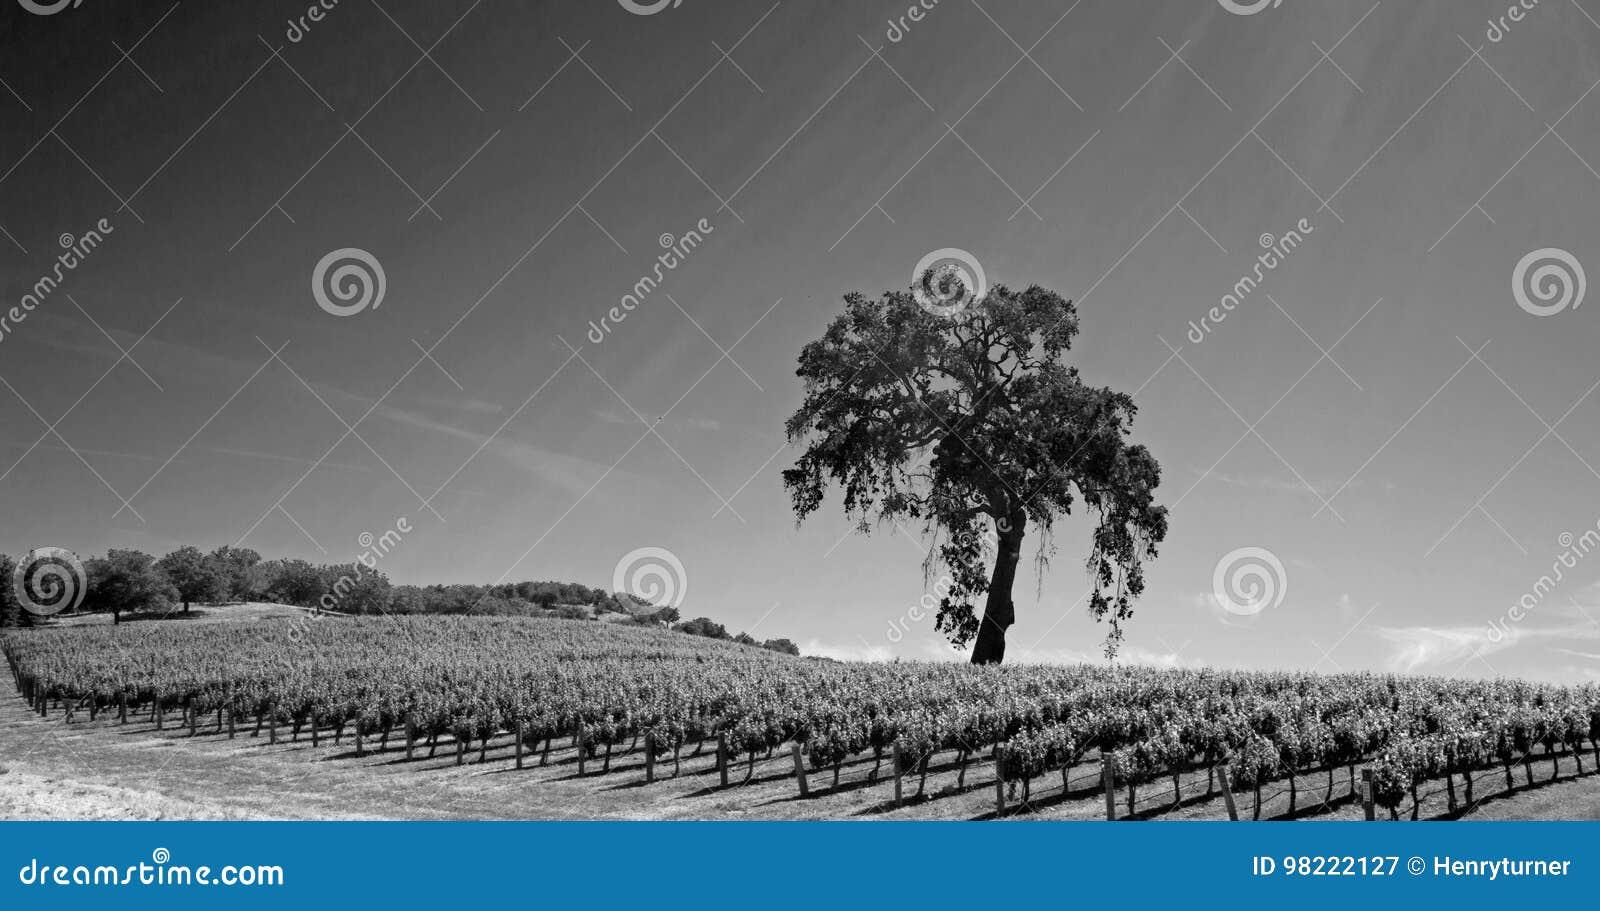 Chêne de vallée de la Californie dans le vignoble dans le pays de vin de Paso Robles en Californie centrale Etats-Unis - noire et